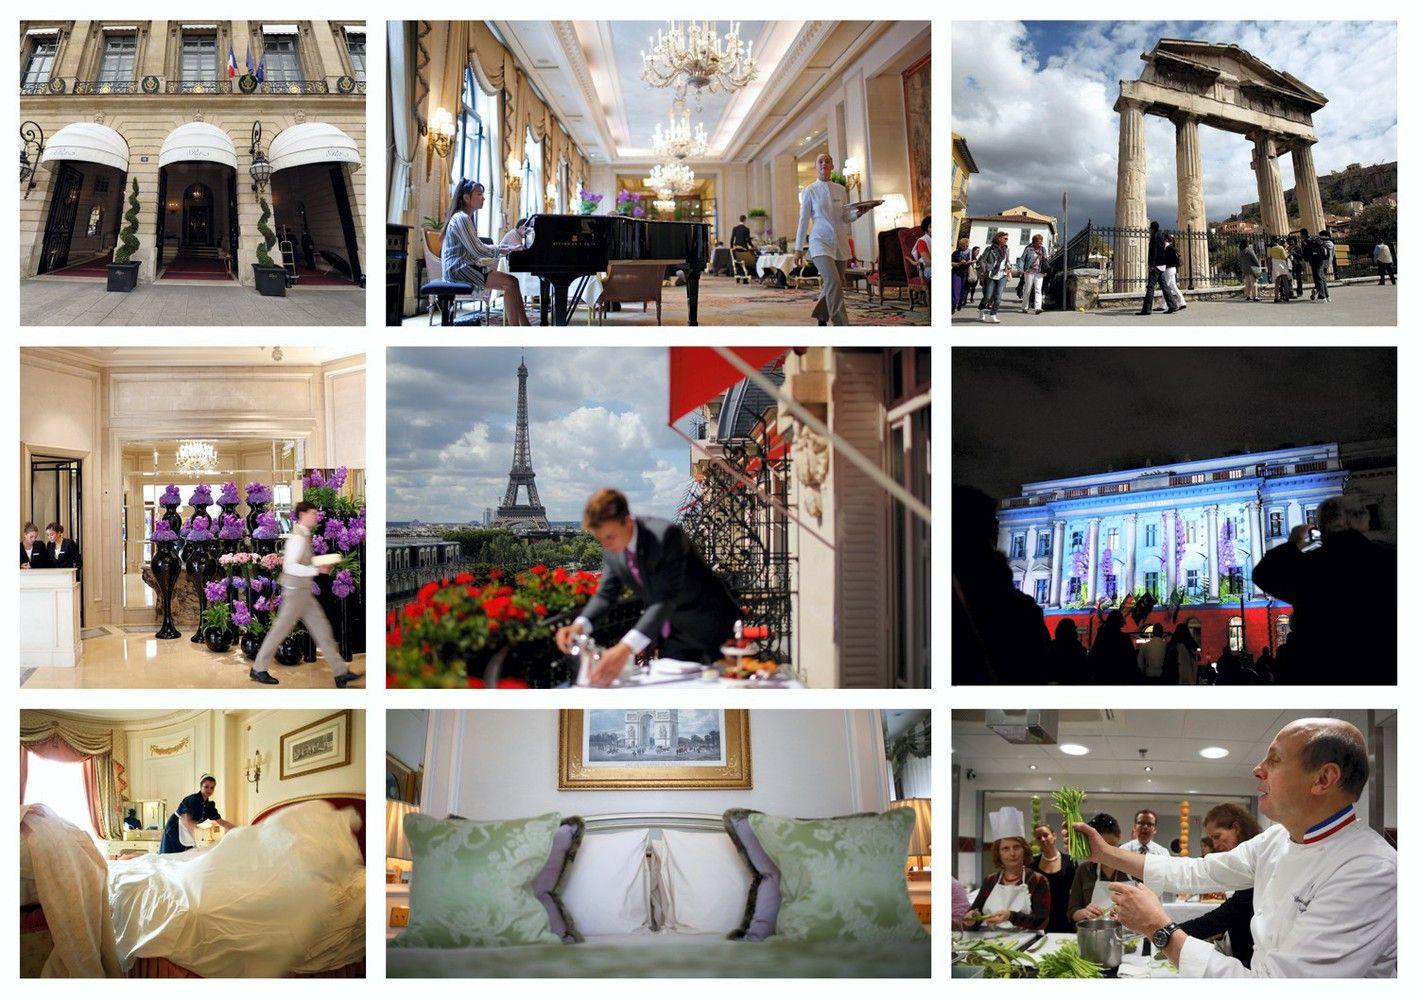 Europos viešbučiai raportavo apie stiprų pirmąjį ketvirtį